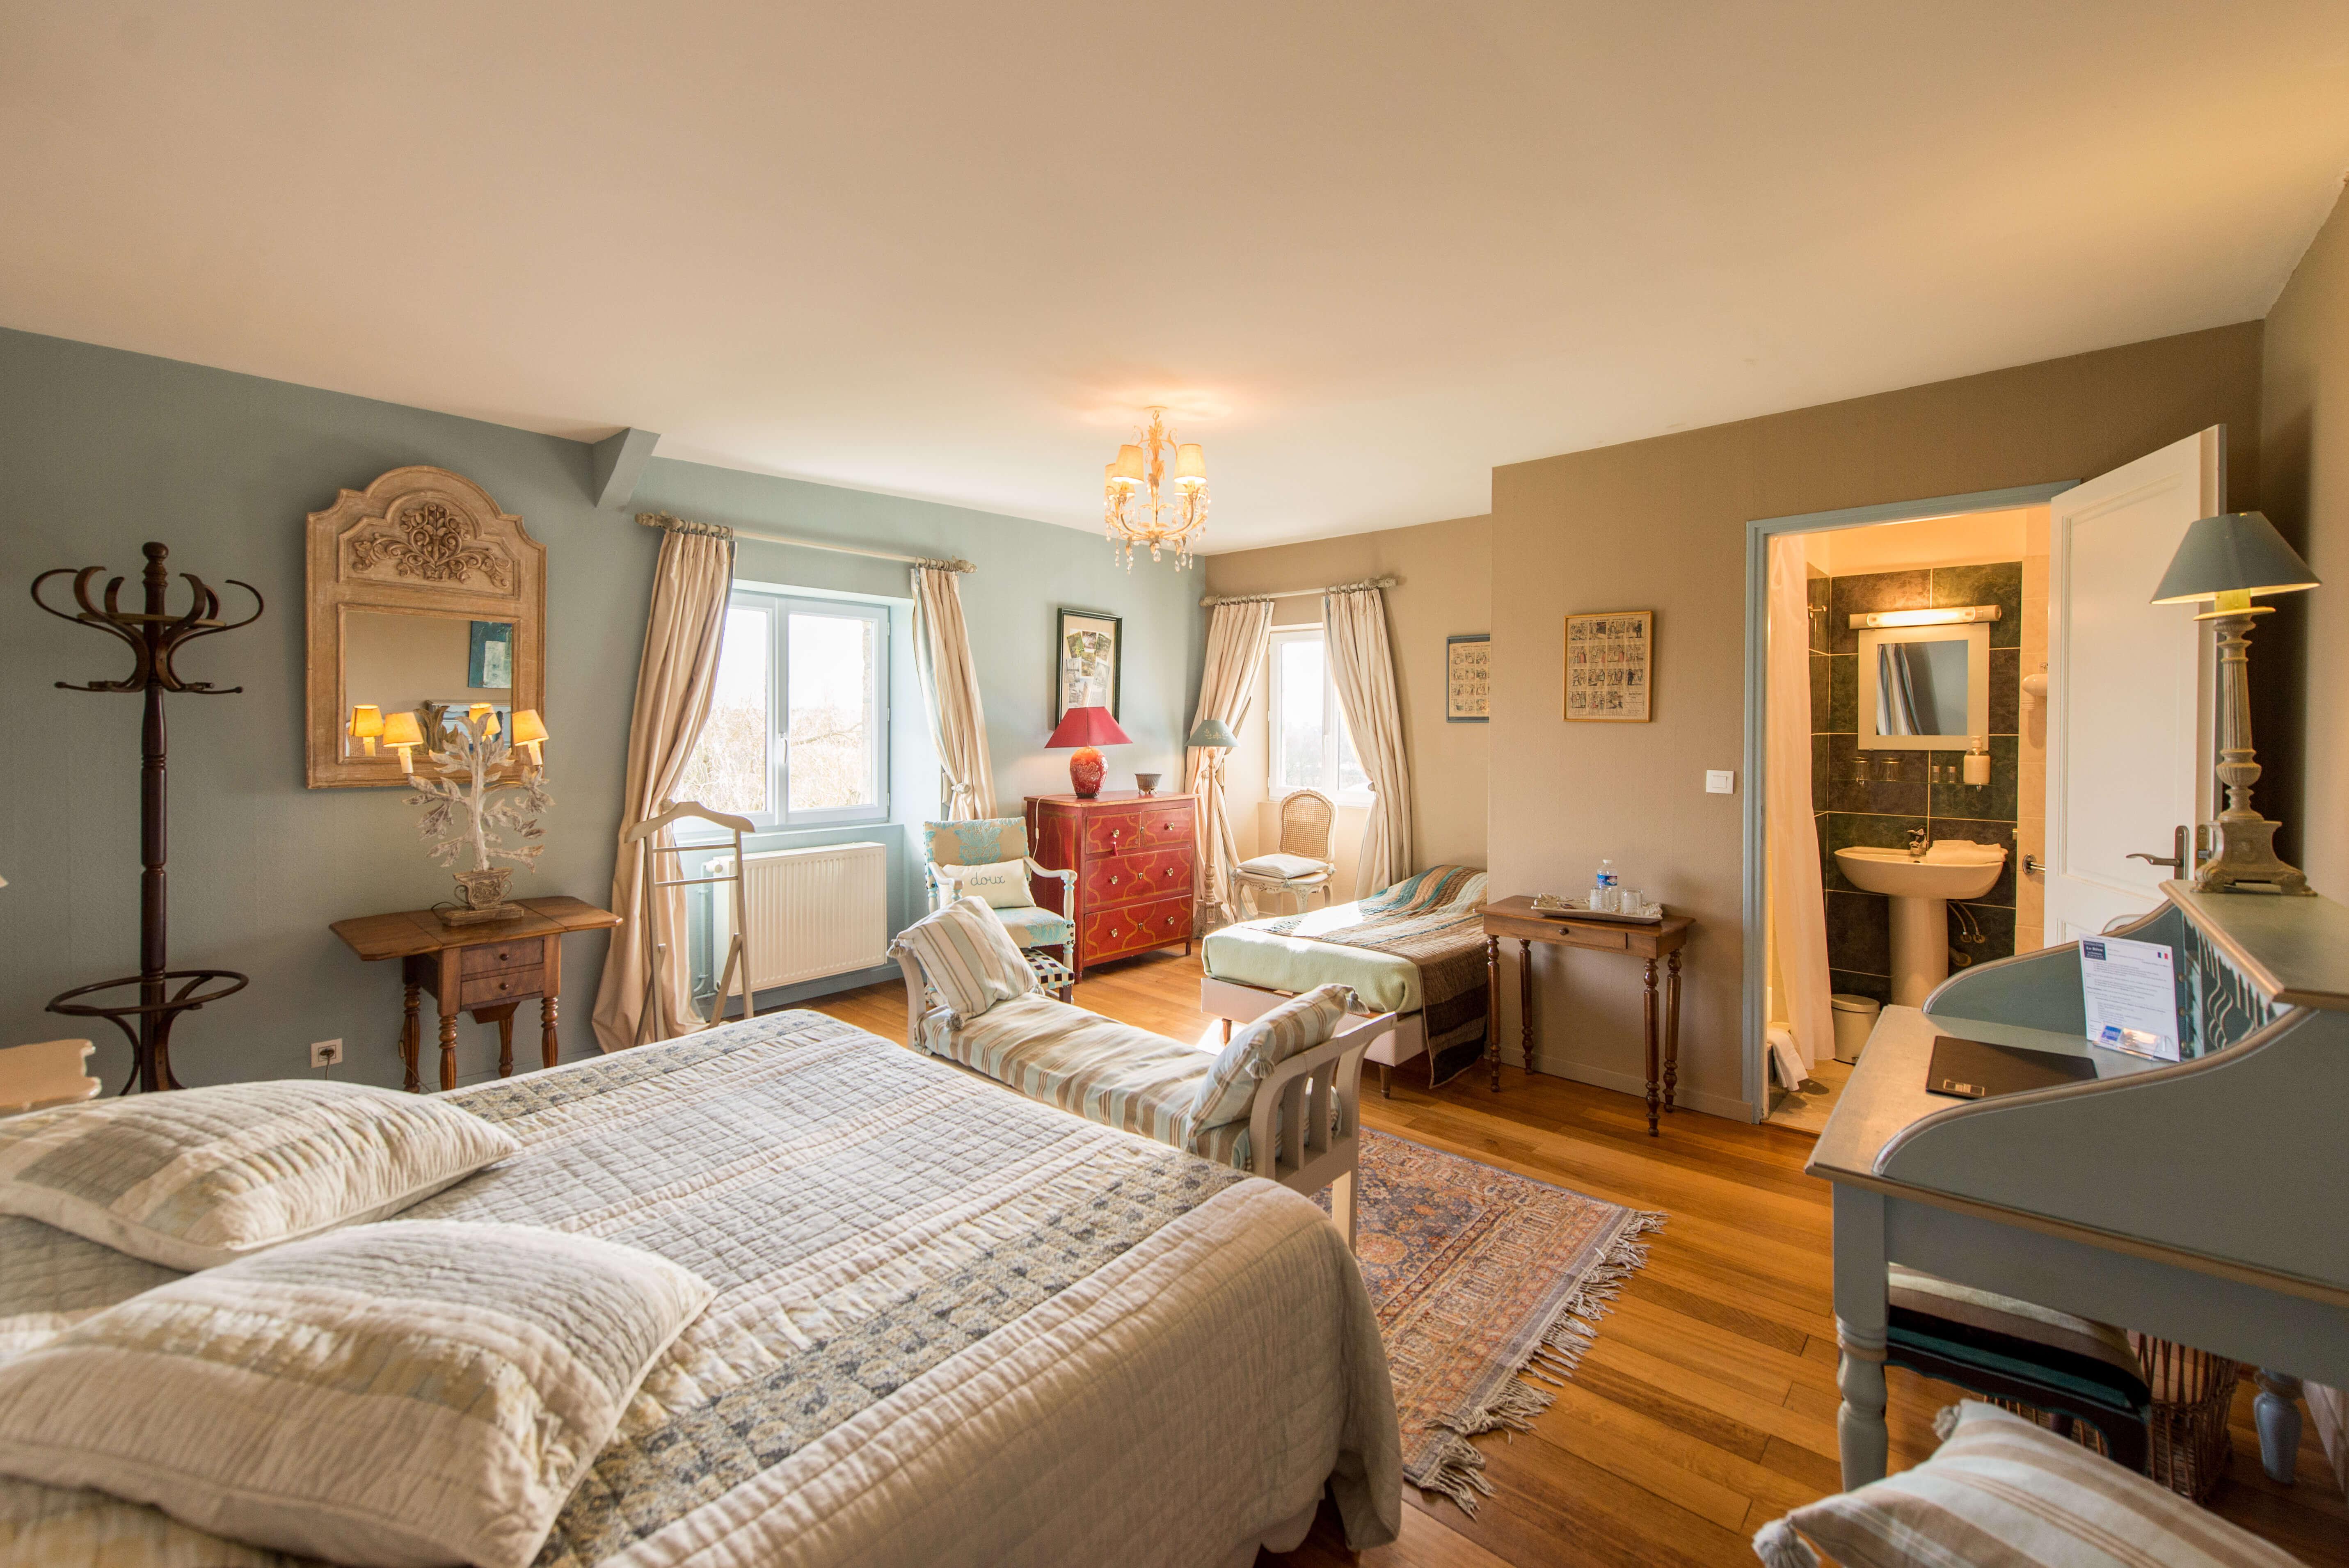 Nevada Salle De Bain bed and breakfast: best vacation rental properties